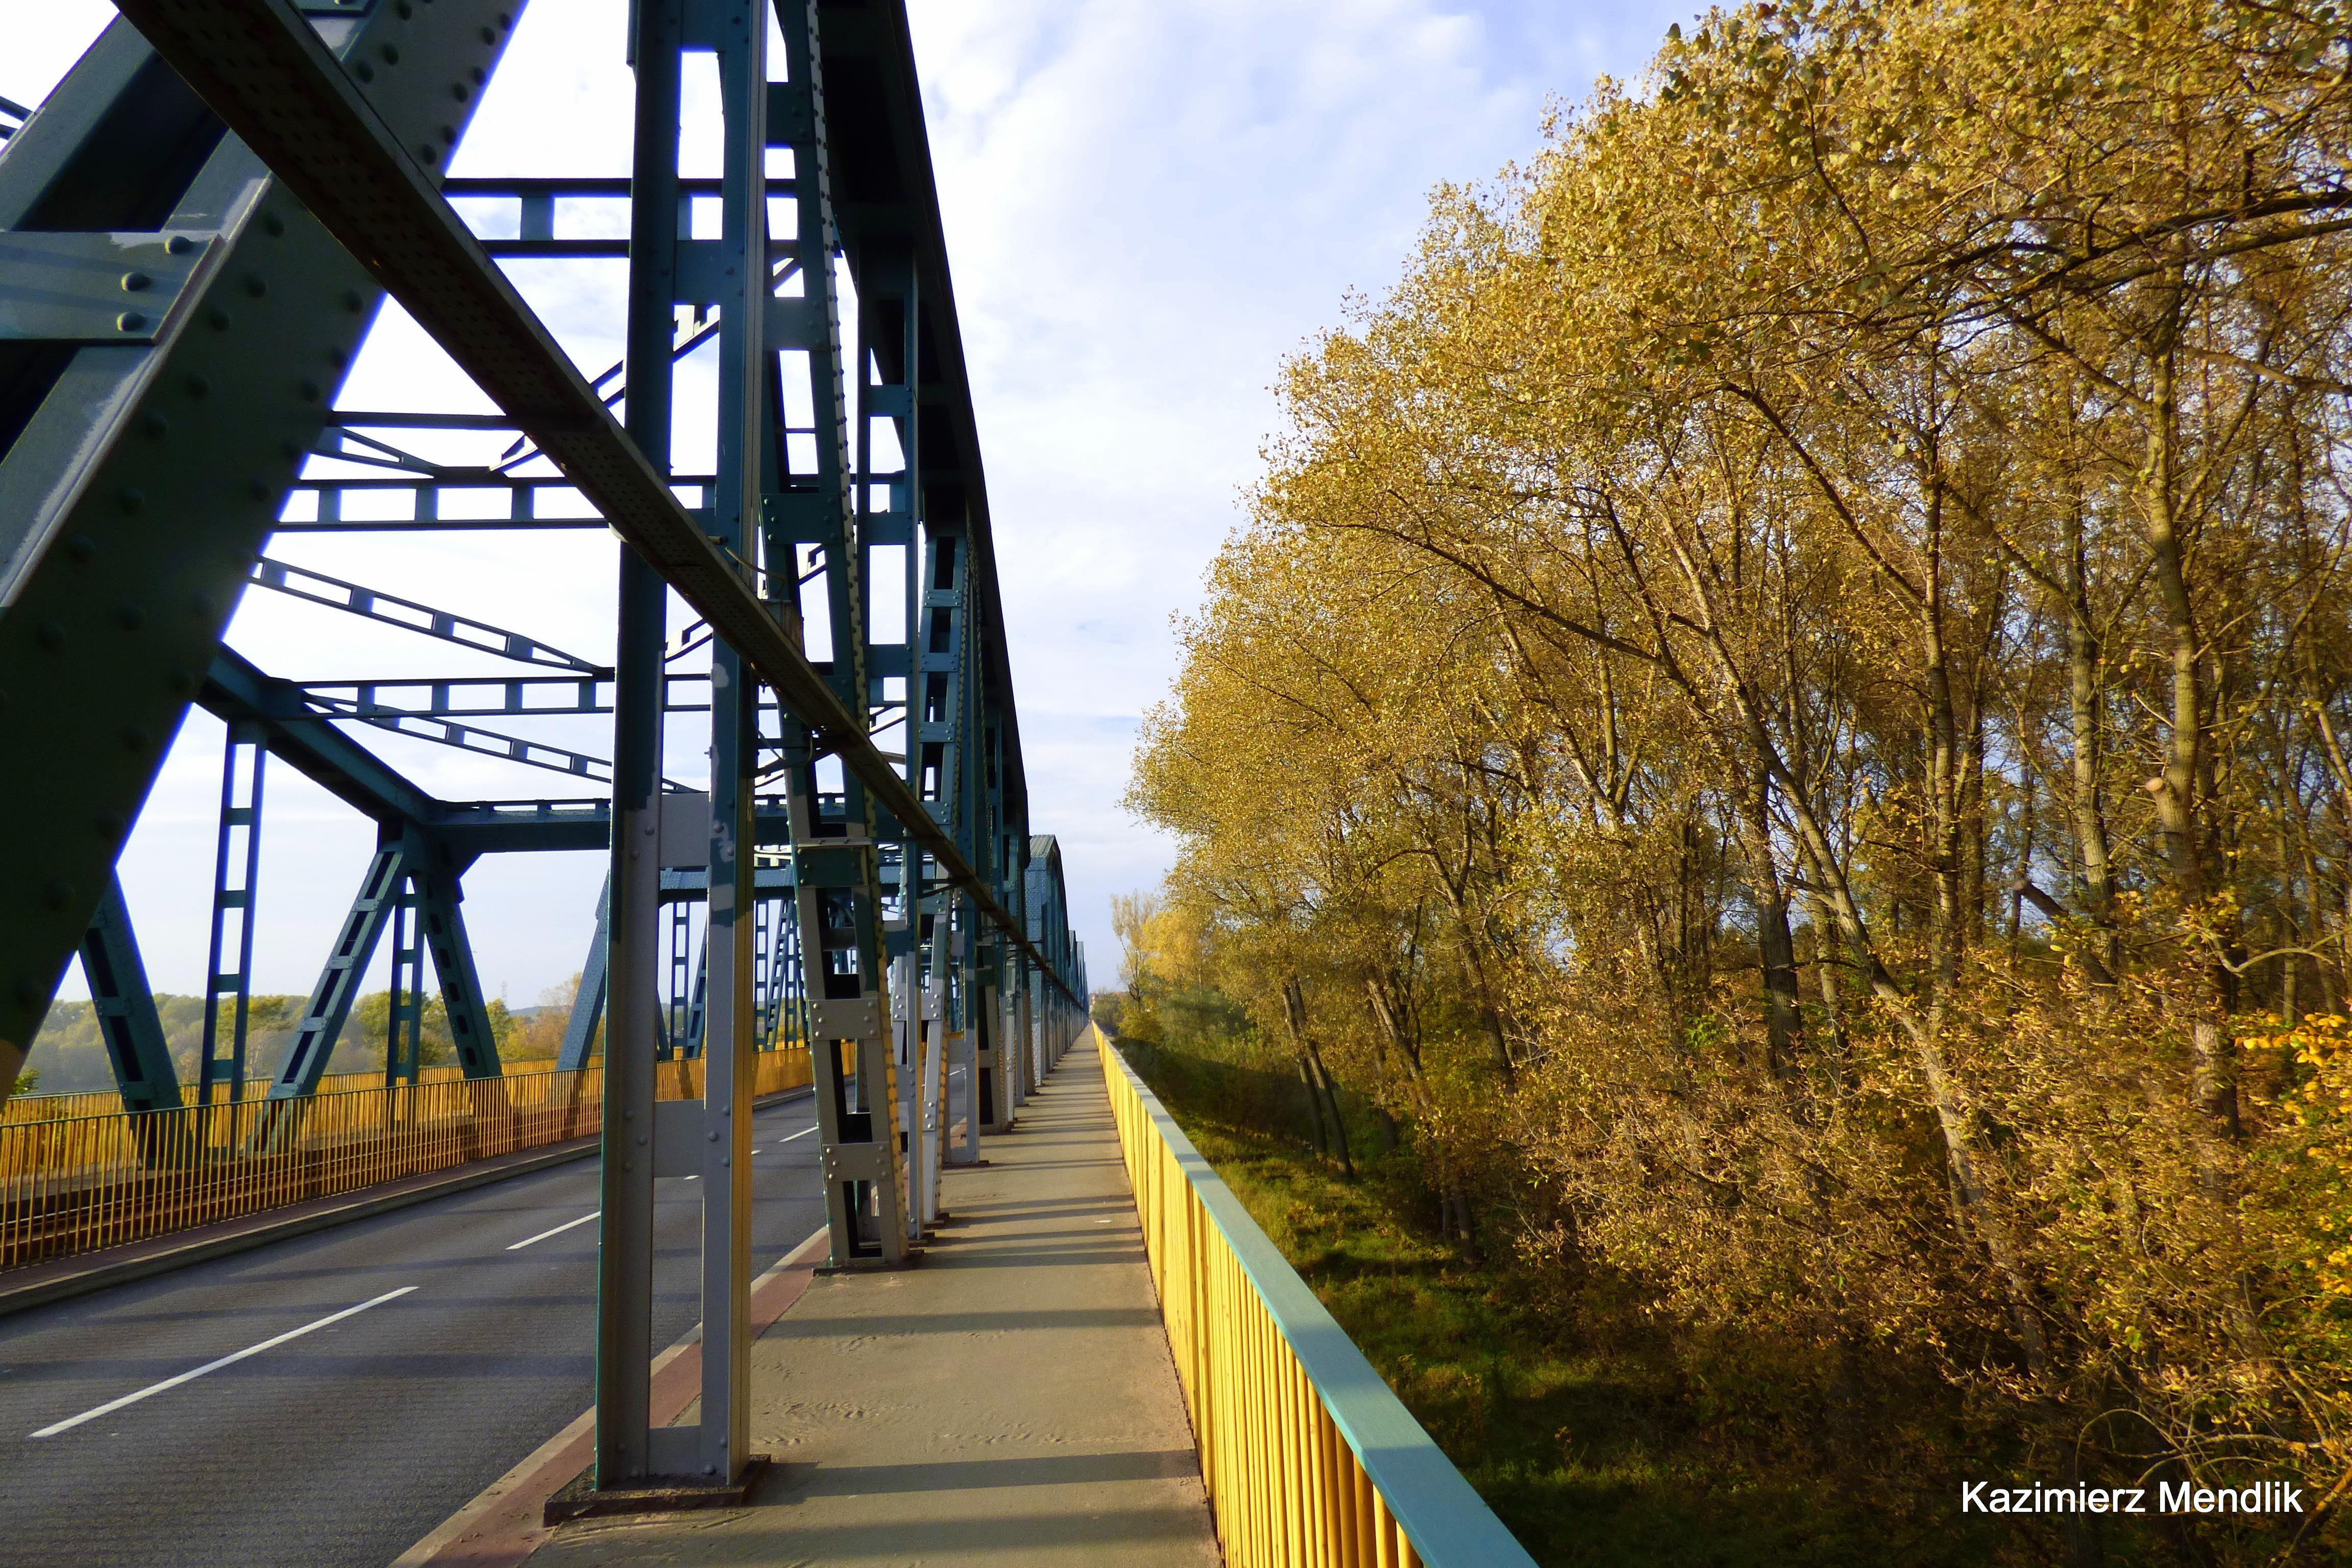 File:Most fordoński im  Rudolfa Modrzejewskiego – most